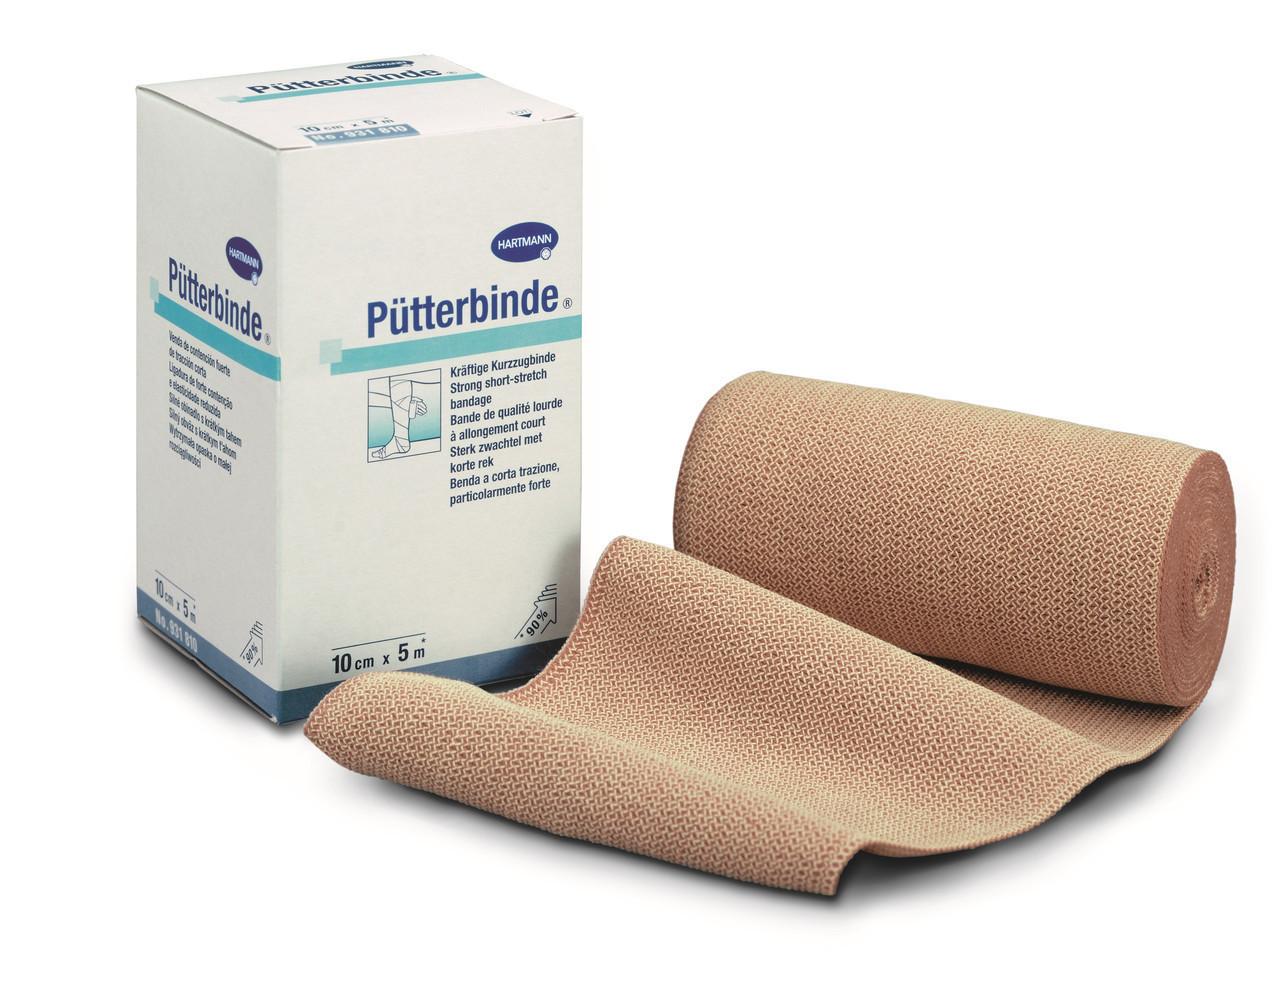 Putterbinde / Пюттербинт - Среднерастяжимый эластичный компрессионный бинт из чистого хлопка, 8см х 5м